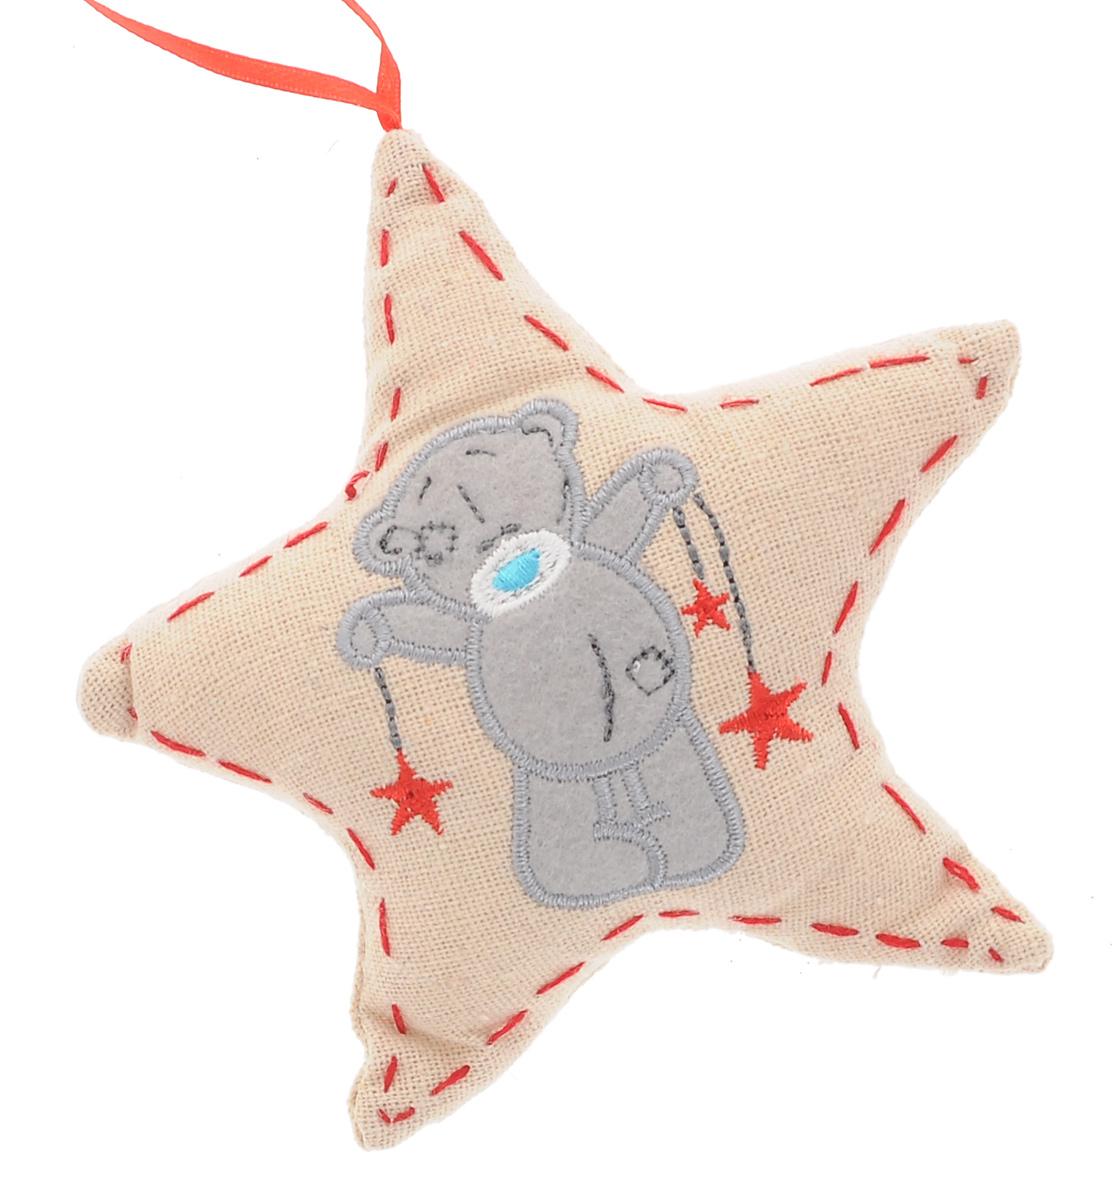 Новогоднее подвесное украшение Me to You ЗвездаSM-23AПодвесное украшение Me to You Звезда, выполненное из полиэстера, станет отличным новогодним украшением на елку. Изделие декорировано красной строчкой и вышивкой в виде мишки Me to You со звездочками. Подвешивается на елку с помощью текстильной петельки. Ваша зеленая красавица с таким украшением будет выглядеть оригинально и современно. Создайте в своем доме по-настоящему сказочную атмосферу. Кроме того, это украшение может стать не только деталью интерьера в квартире, но и актуальным подарком для ваших друзей и родных.